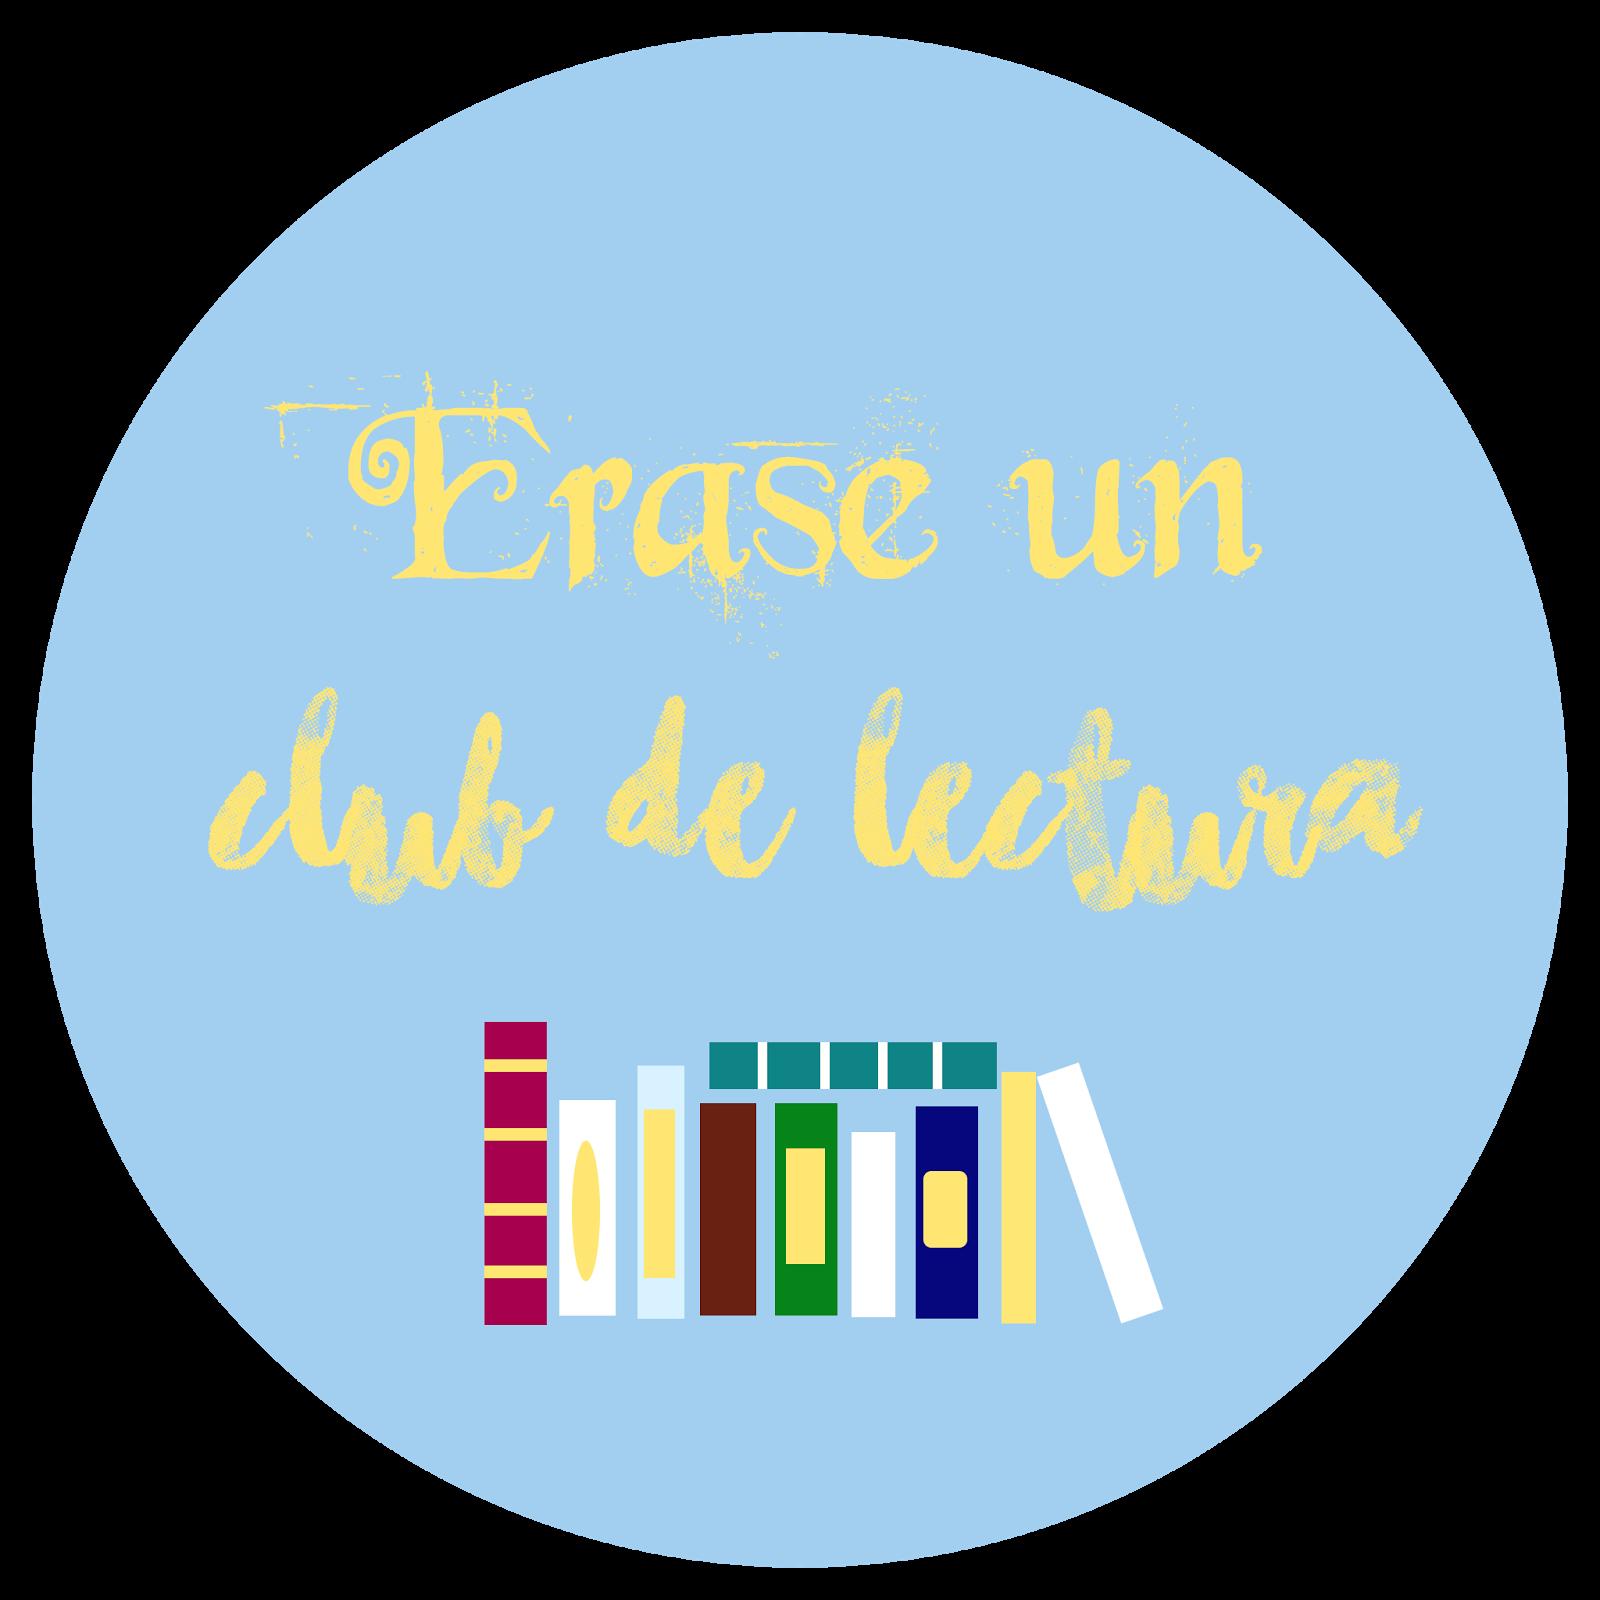 Érase un club de lectura